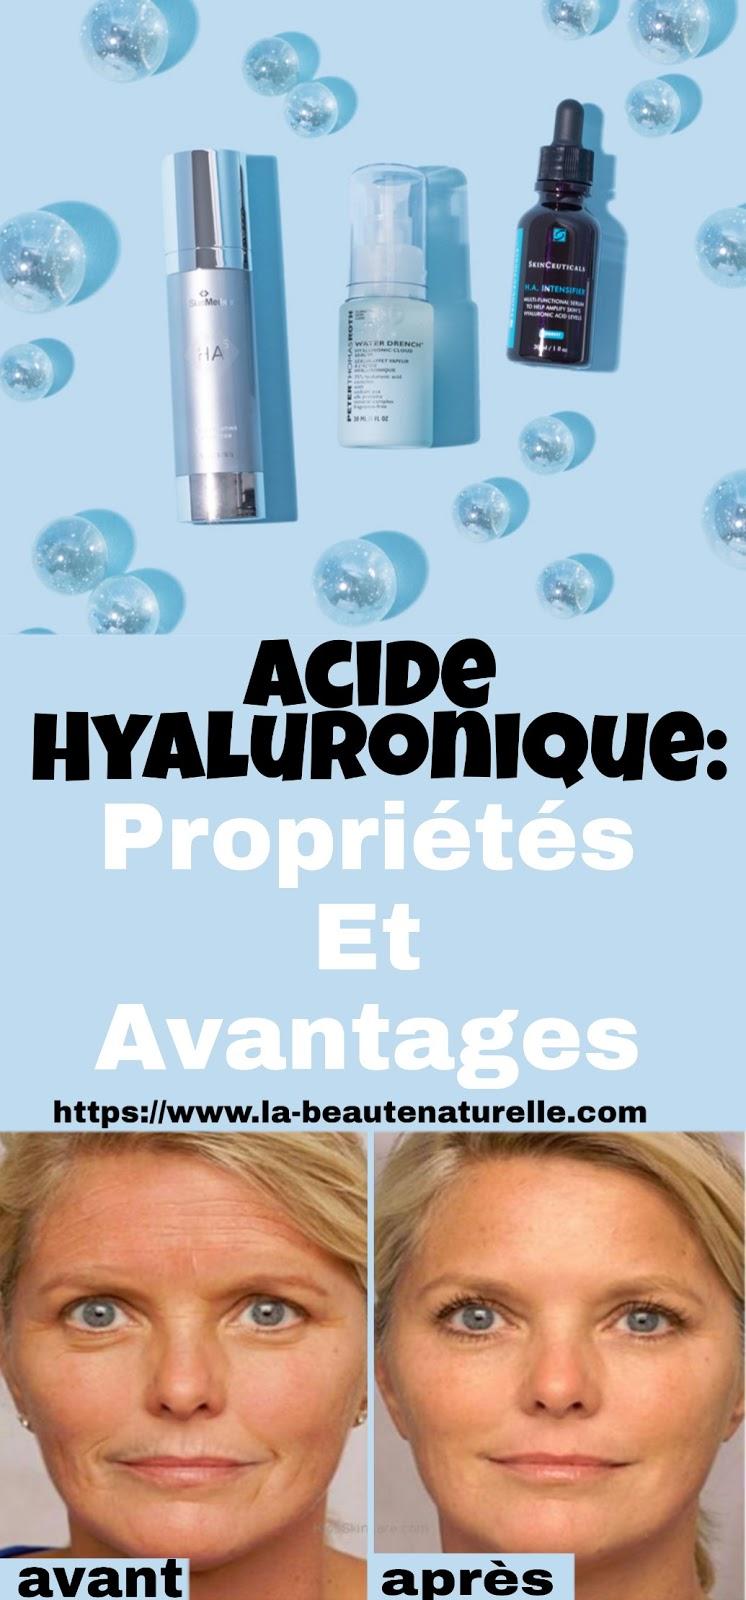 Acide Hyaluronique: Propriétés Et Avantages